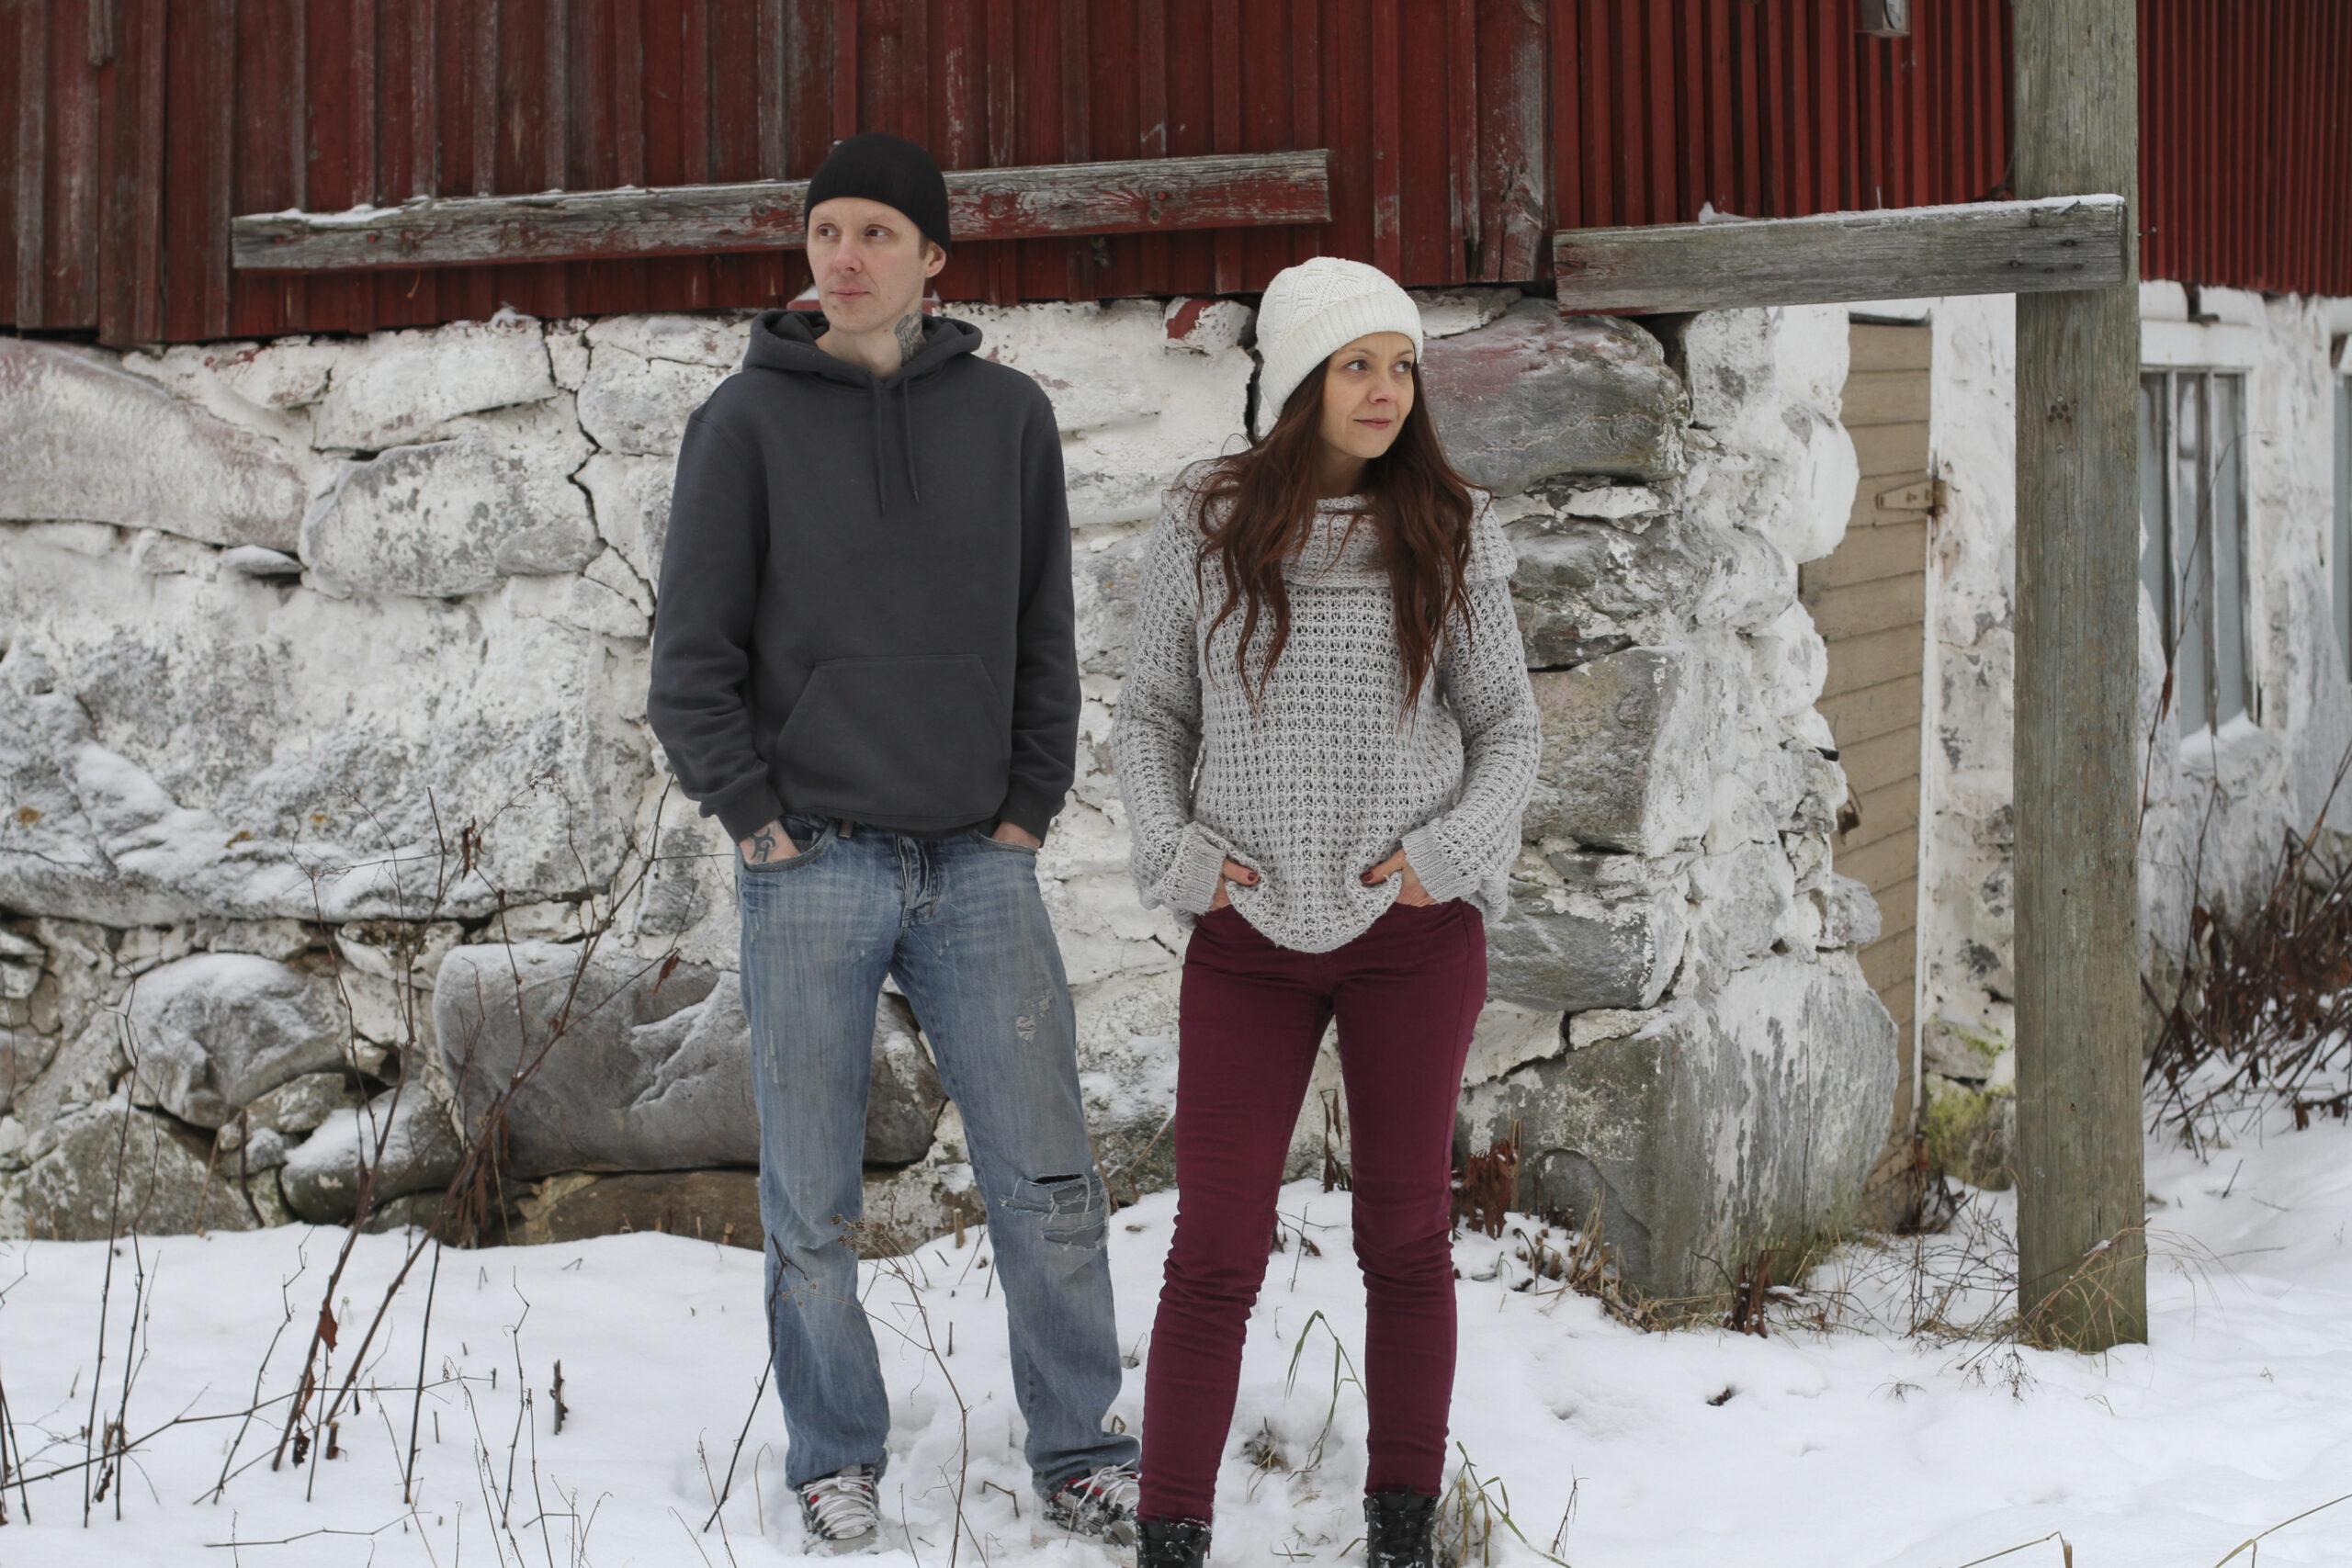 Marja-Leena miehensä Eliaksen kanssa